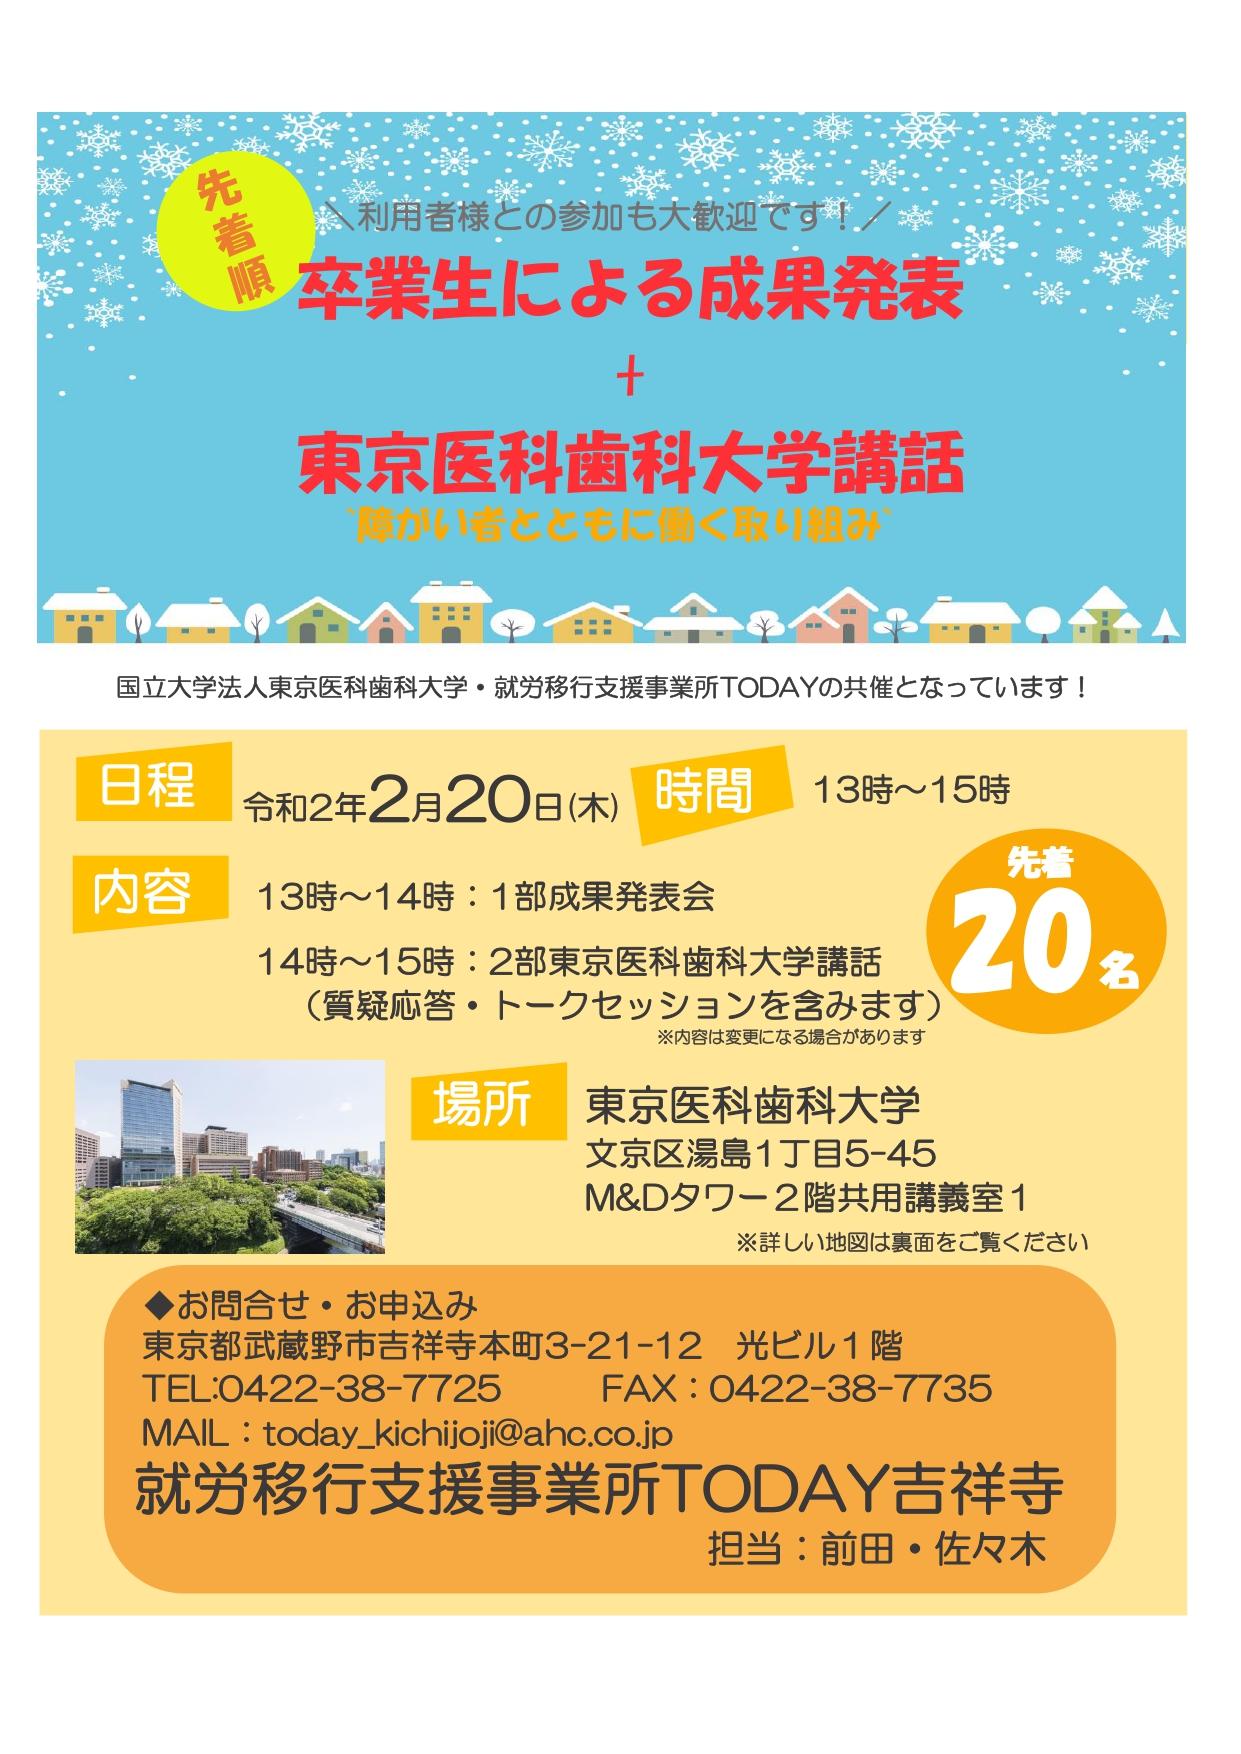 東京医科歯科大学人事+TODAY卒業生による講和イベント